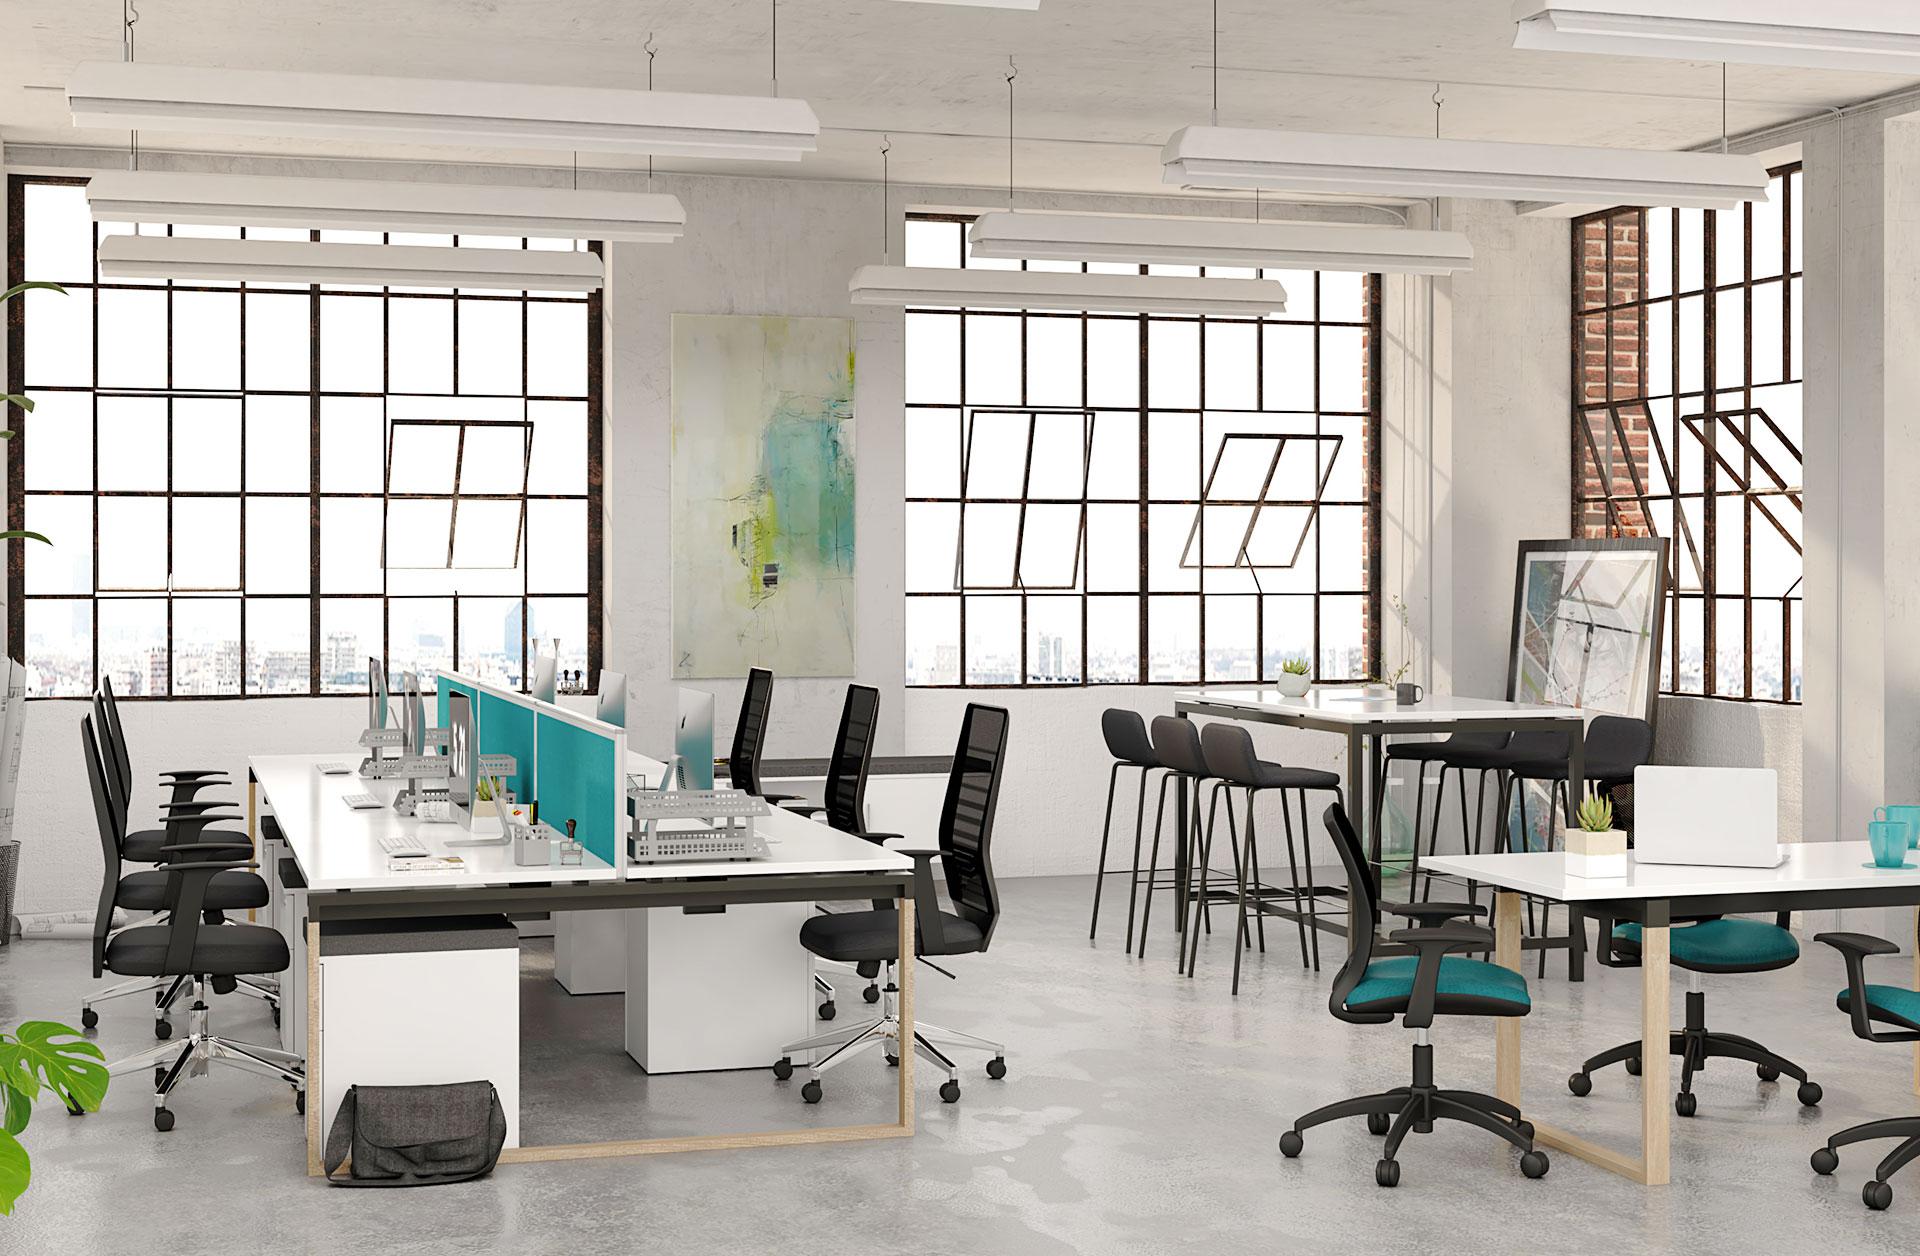 湖南浩安公装公司装修设计资讯知识衡阳大型办公室装修设计技巧有哪些?